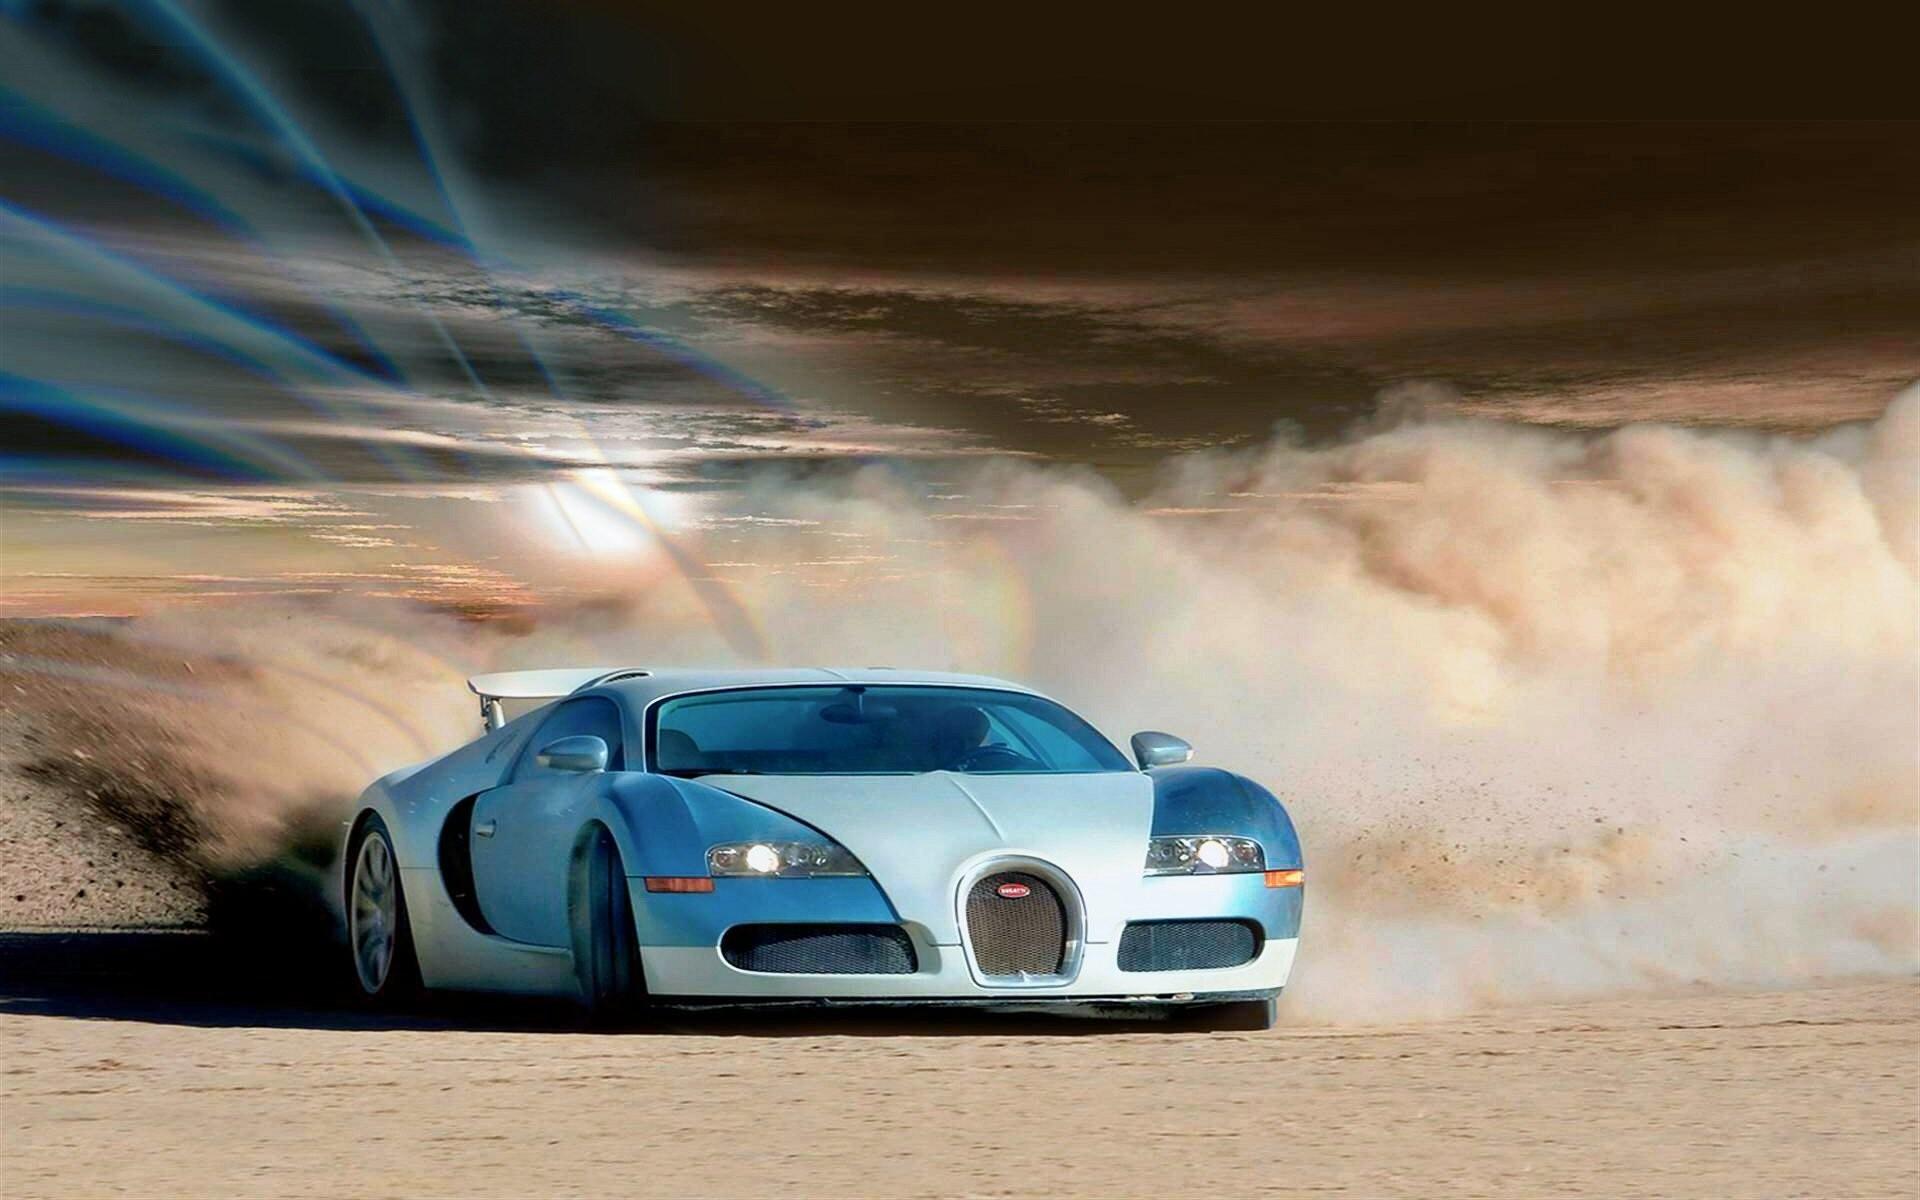 White Bugatti Car HD Wallpaper | HD Wallpapers  White Bugatti C...